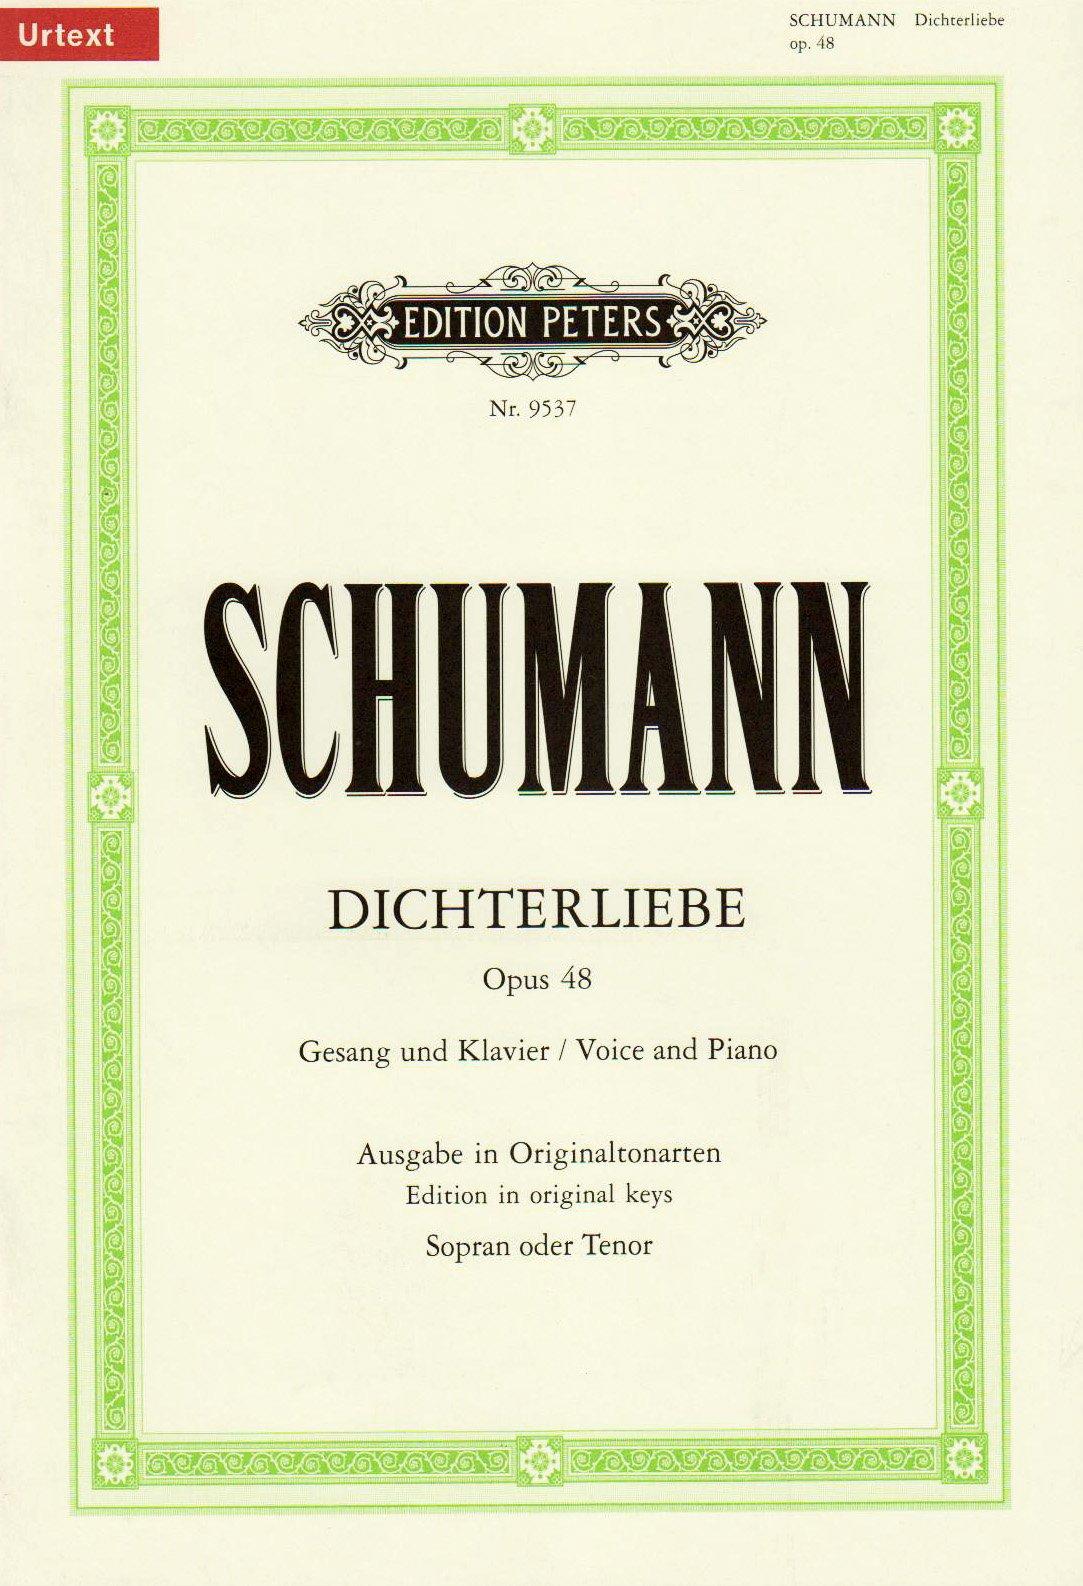 Schumann: Dichterliebe, Op. 48: Robert Schumann: 9790014077327: Amazon.com:  Books